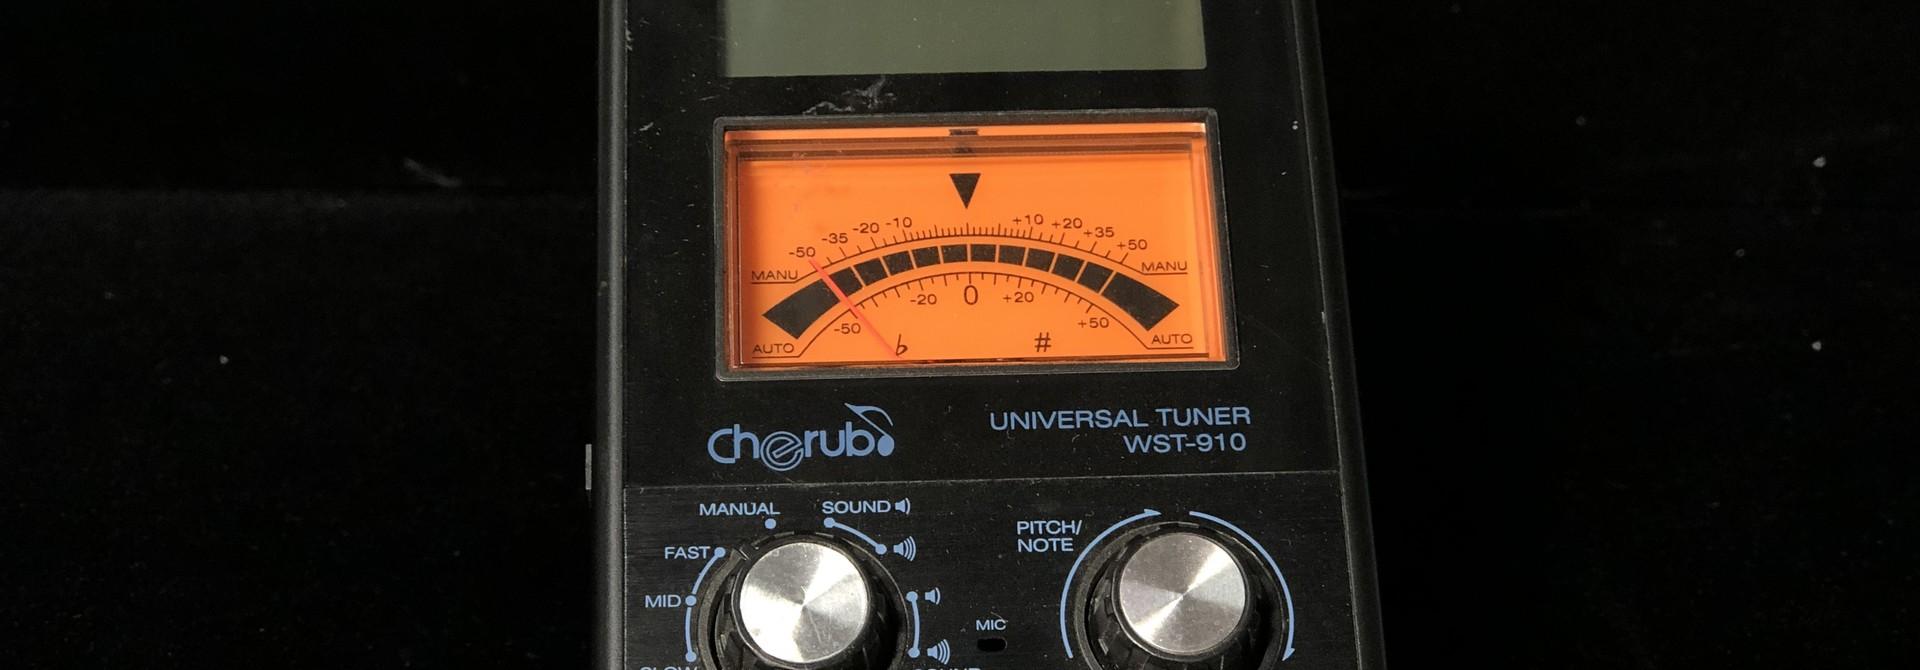 Cherub WST-910 Universal Tuner (USED)